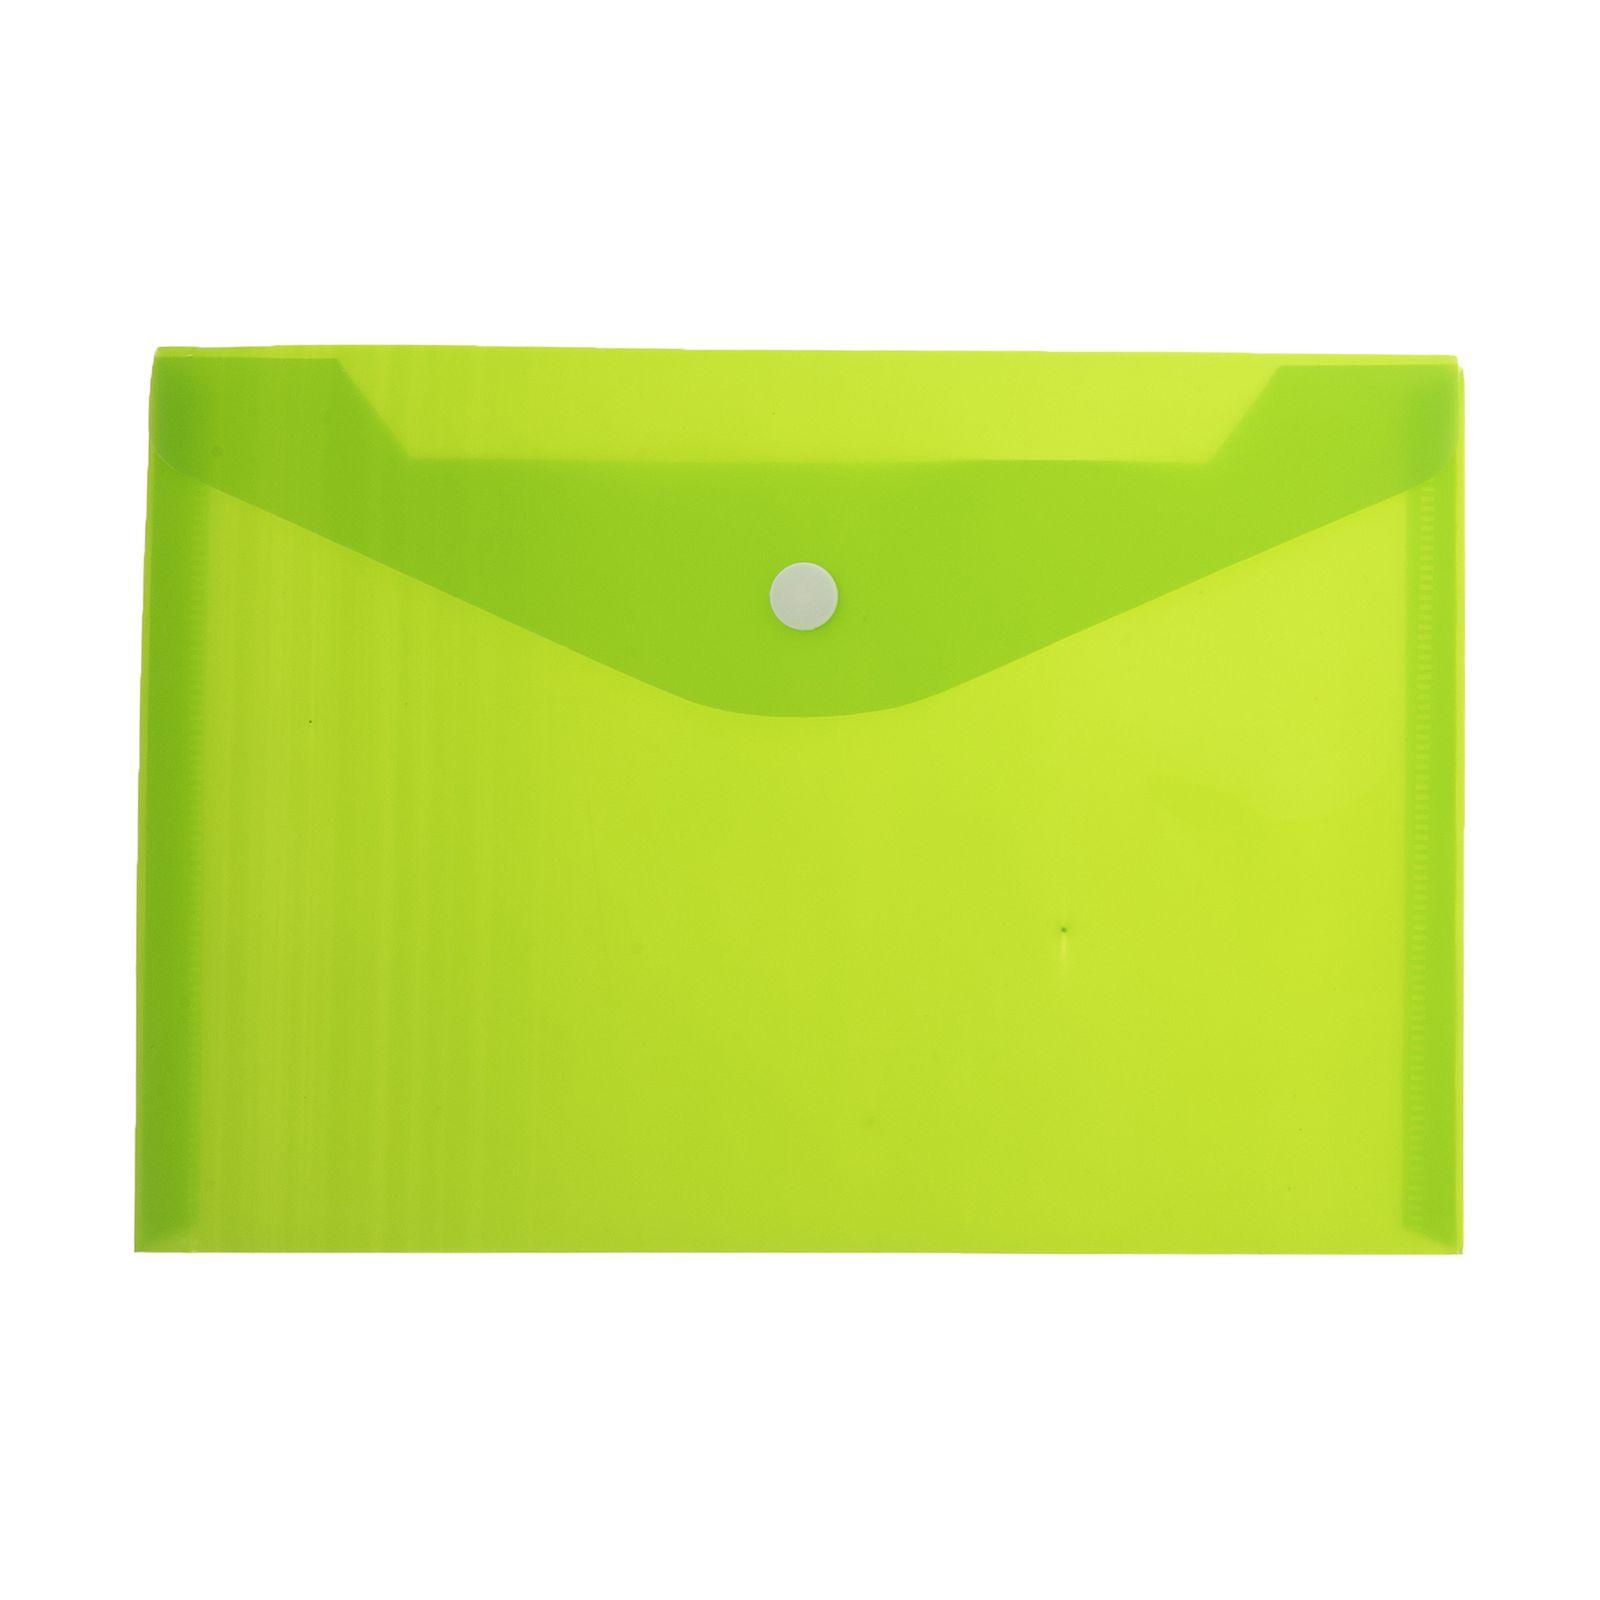 پوشه دکمه دار فوسکا سایز A5 بسته 10 عددی main 1 9